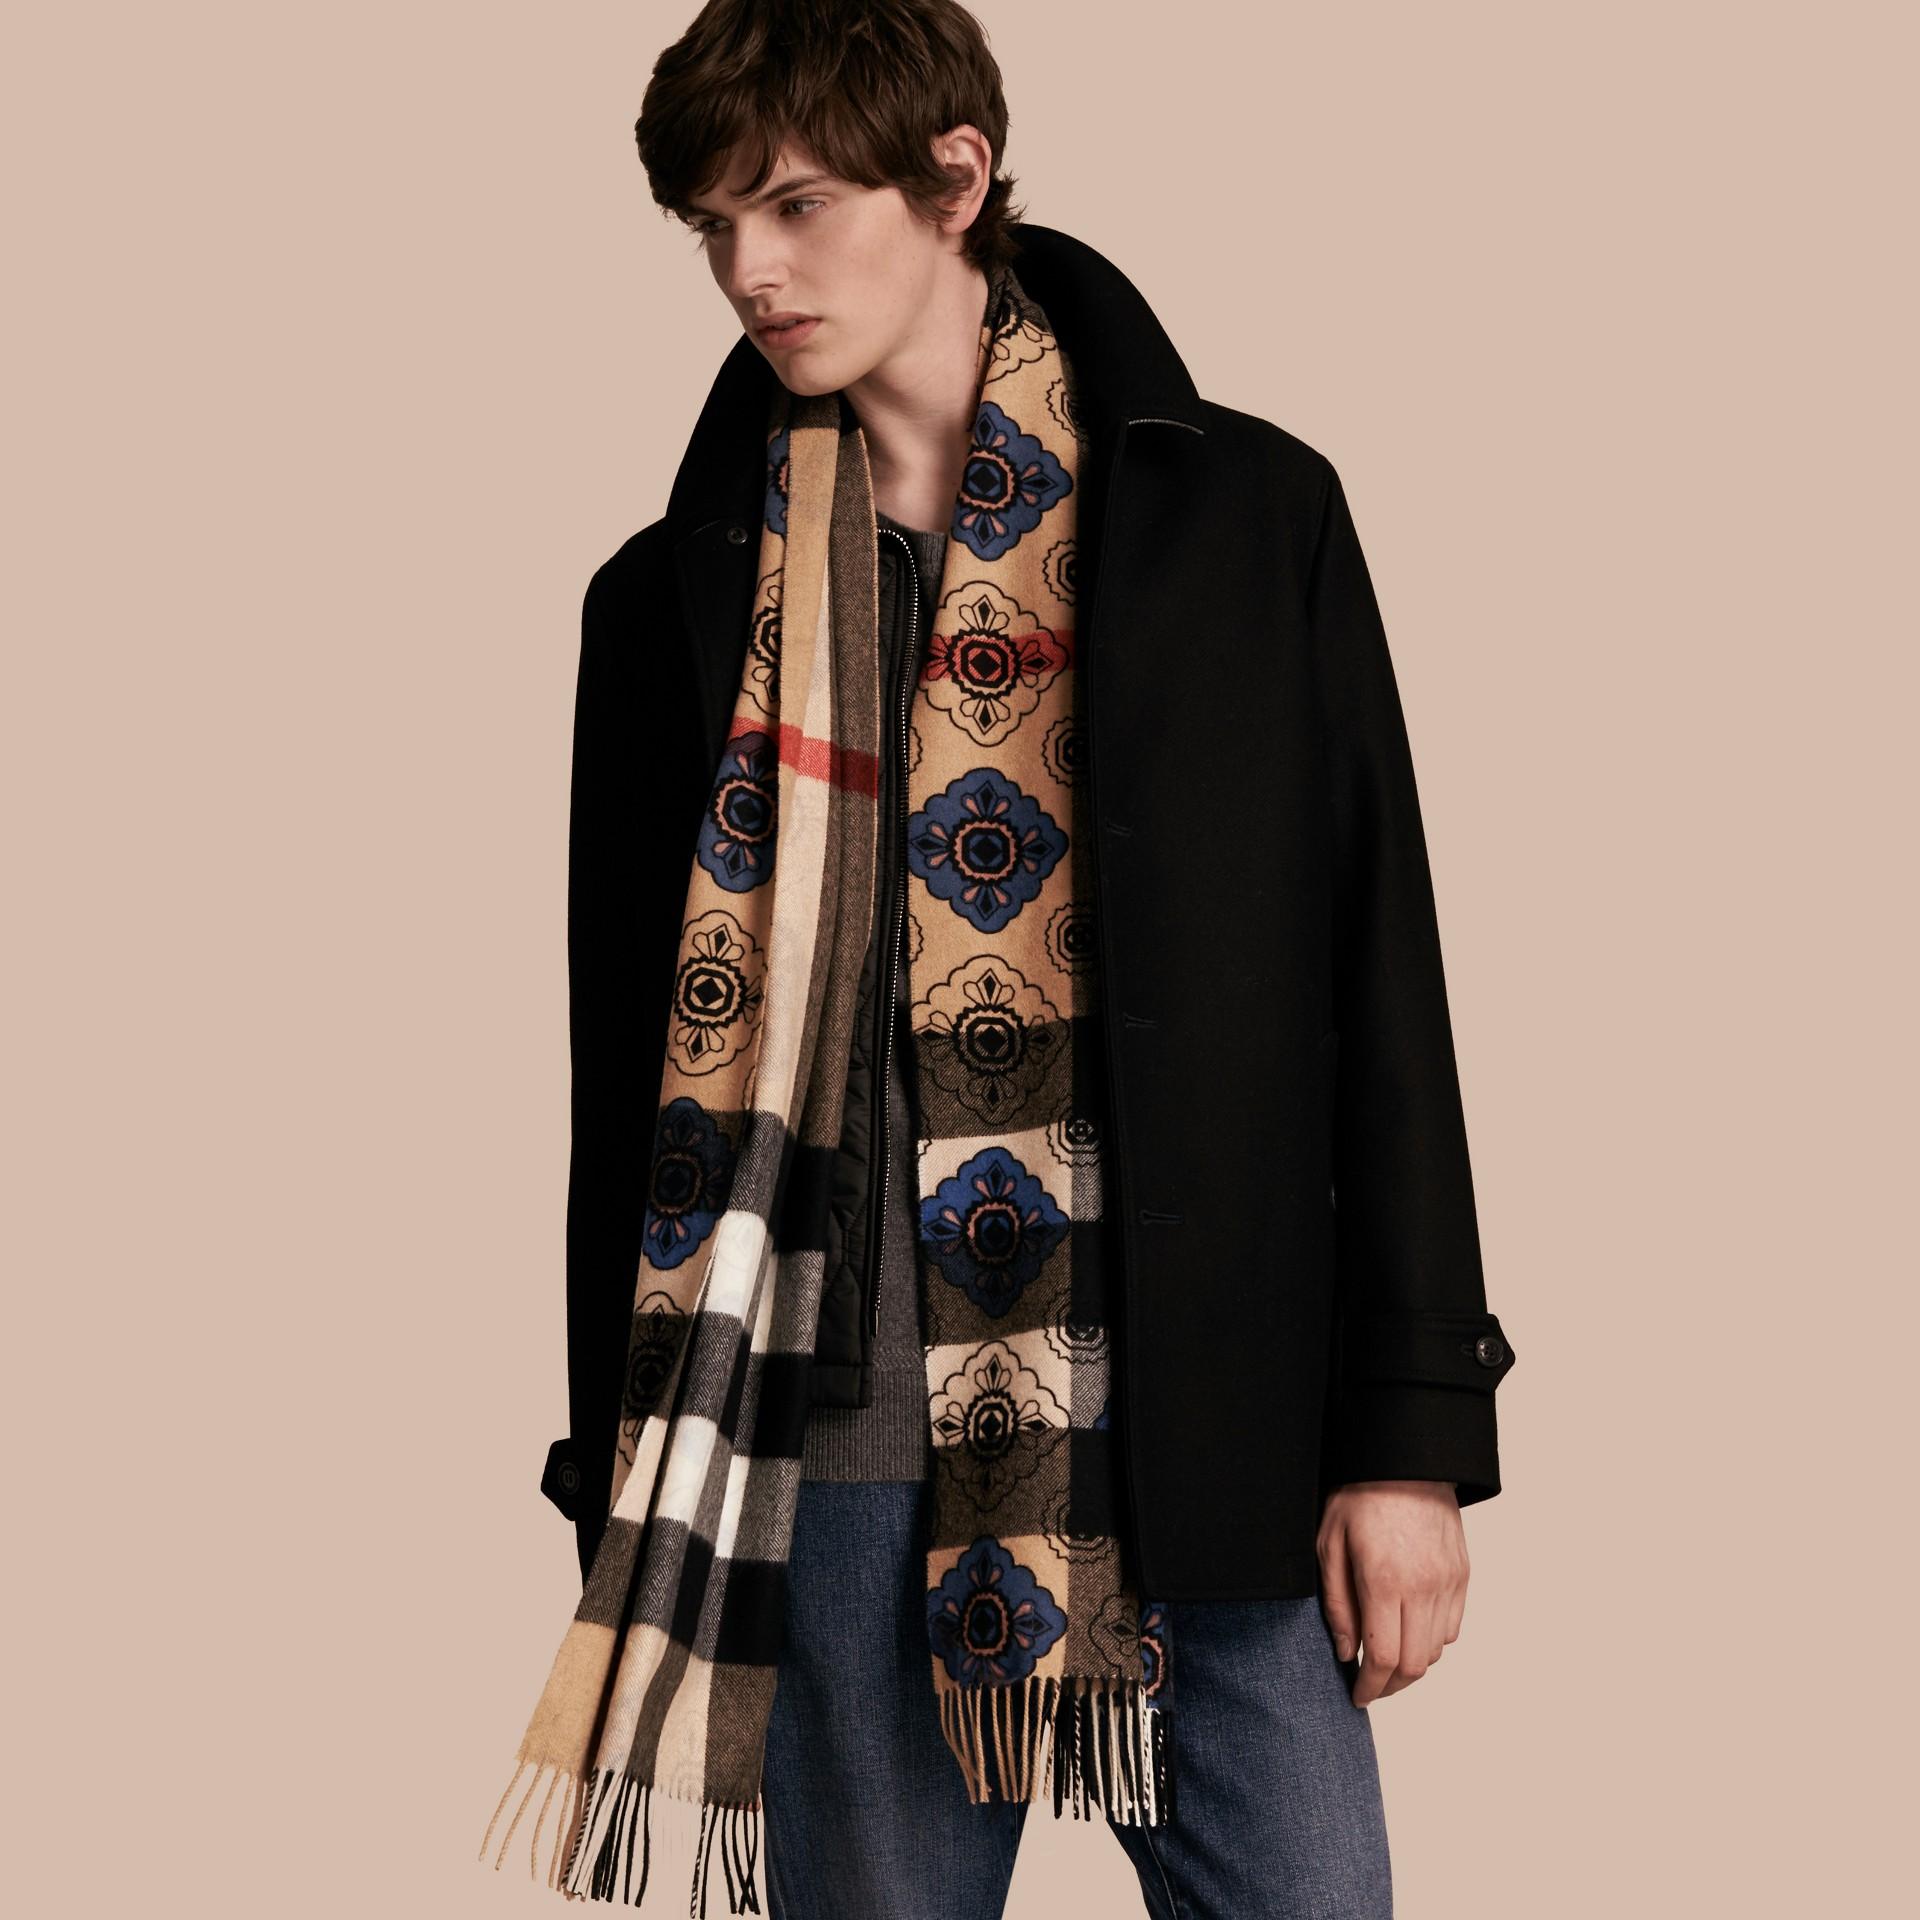 Двусторонний шарф с комбинированным принтом - изображение 4